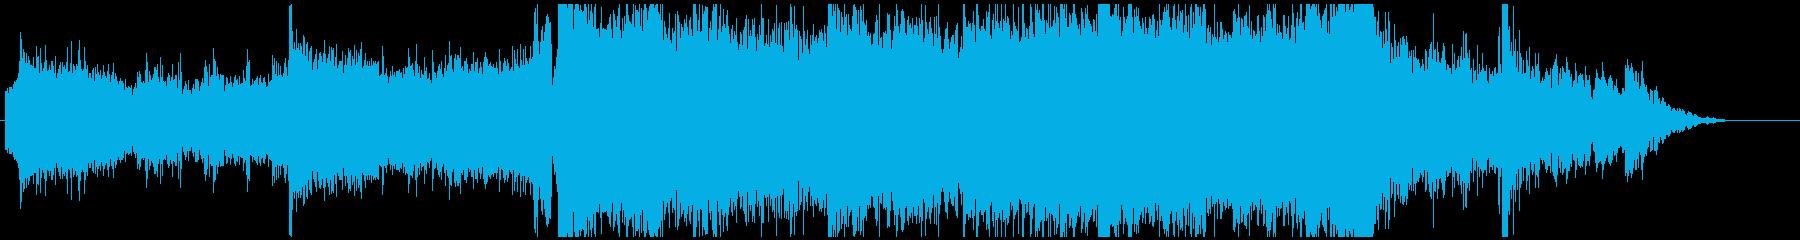 ハリウッドアクション映画のトレイラー風の再生済みの波形